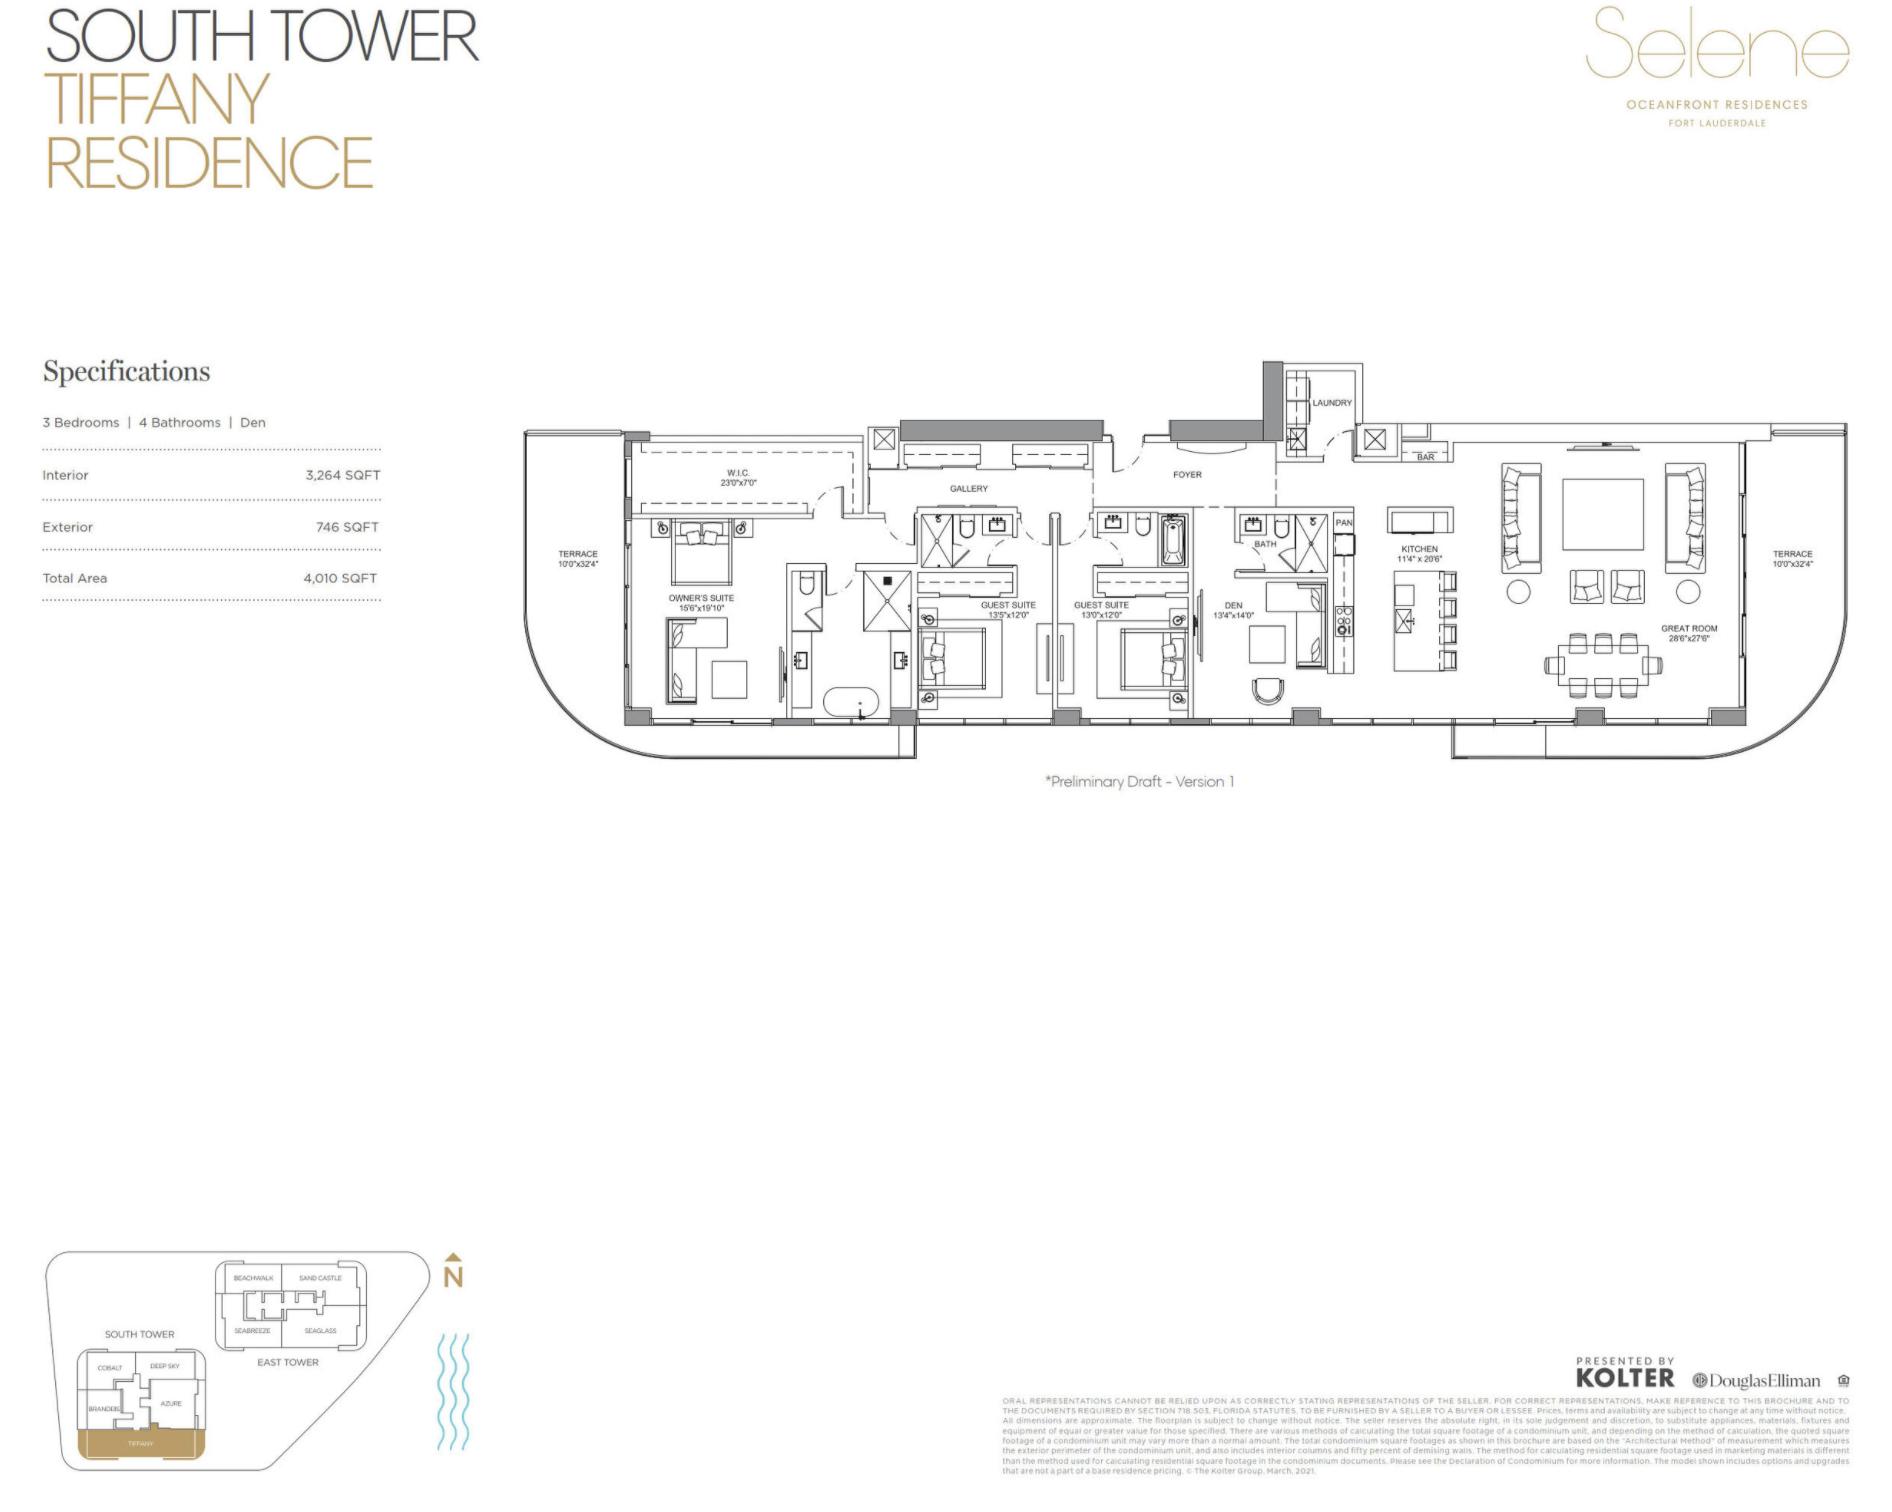 South Tower | Tiffany | 3 Be / Den | 4 Ba